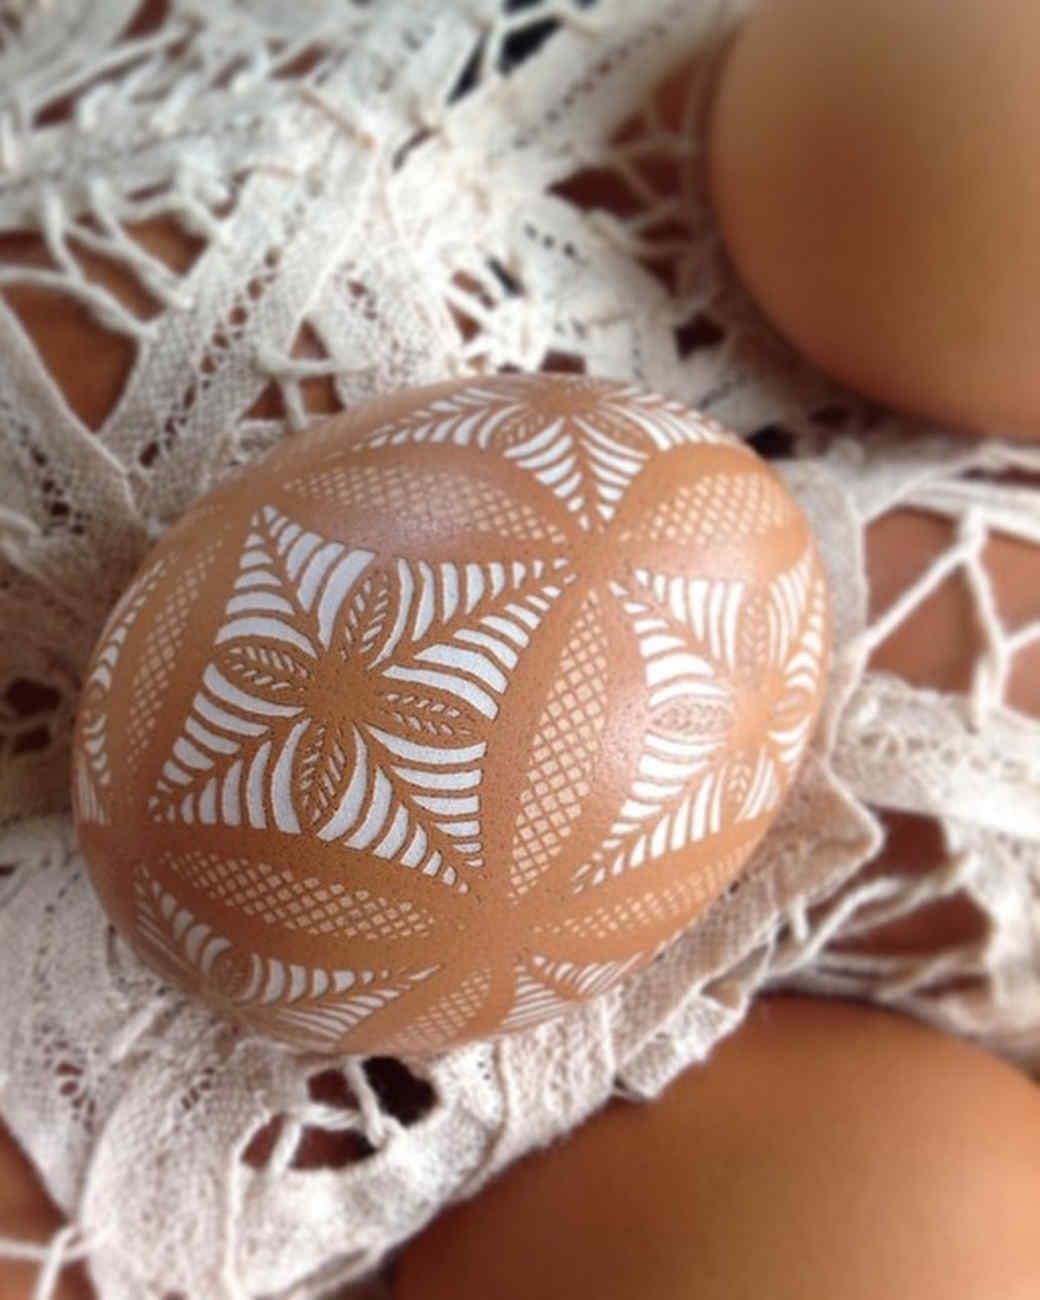 marthas-egg-hunt-miishka_posniak-1-0414.jpg